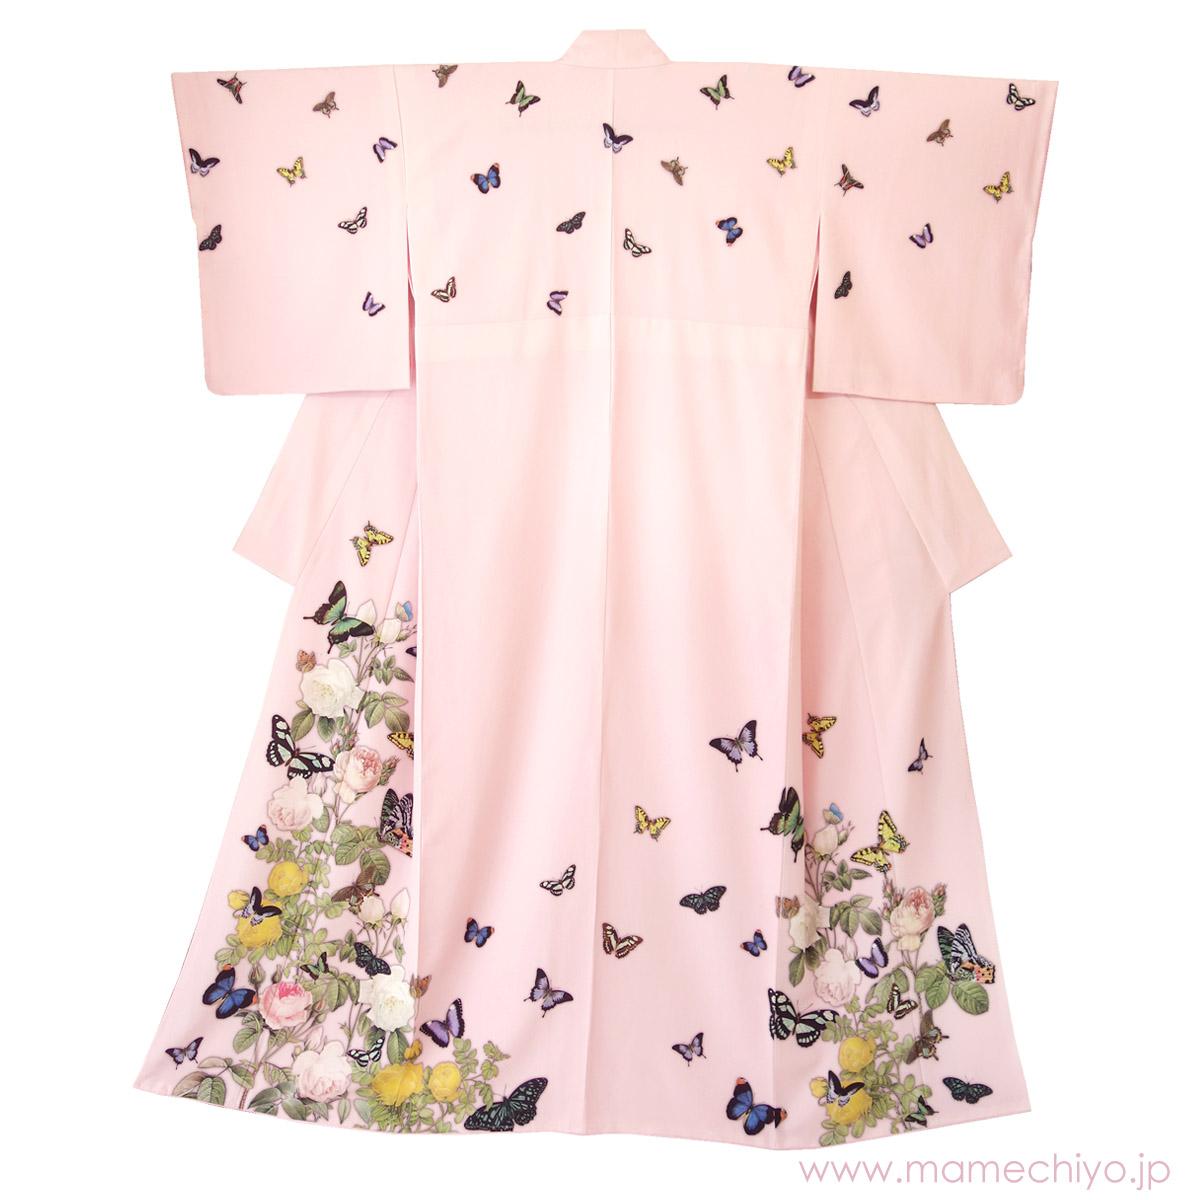 訪問着「薔薇と蝶のワルツ」 ペールピンク